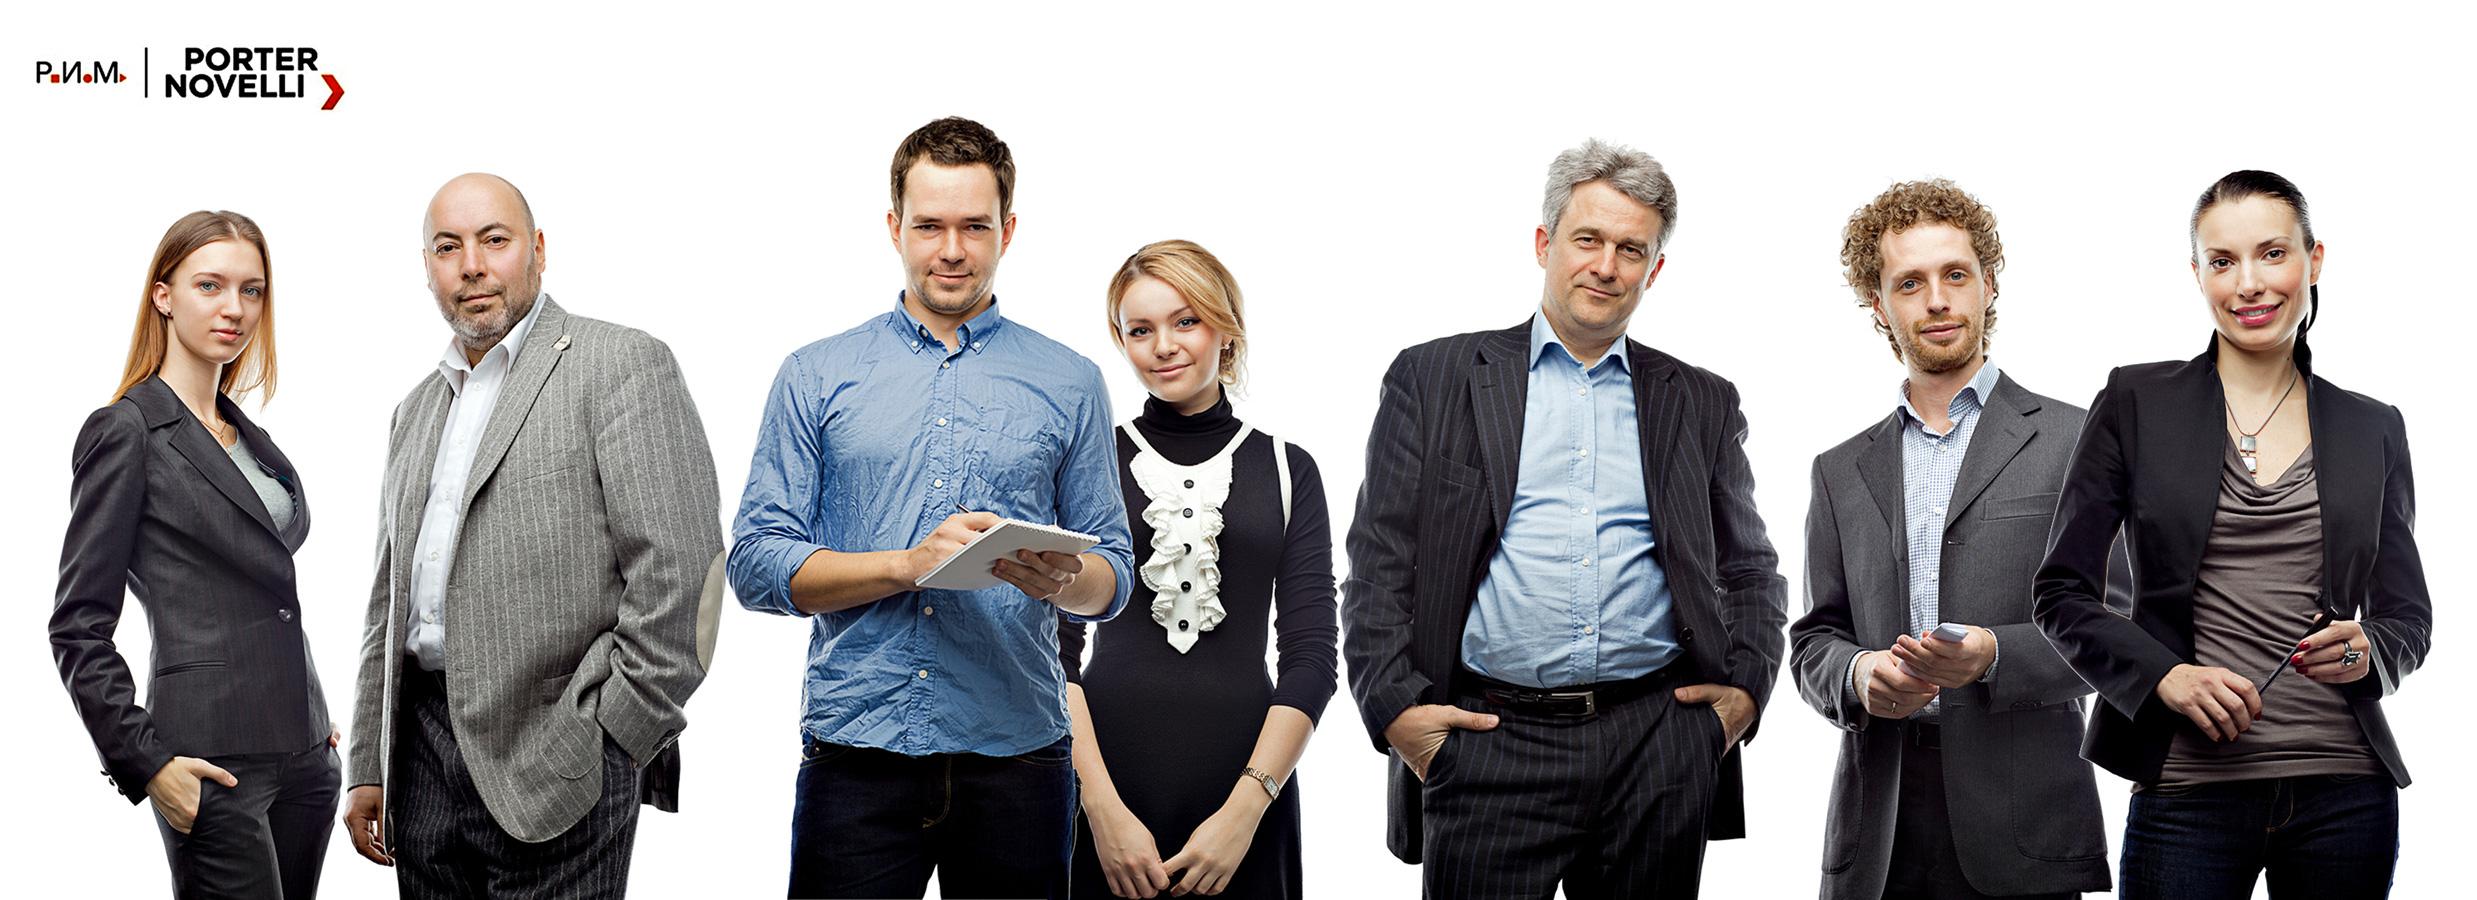 Съемка персонала «Р.И.М. Porter Novelli». Бизнес-портрет, фотограф Лена Волкова